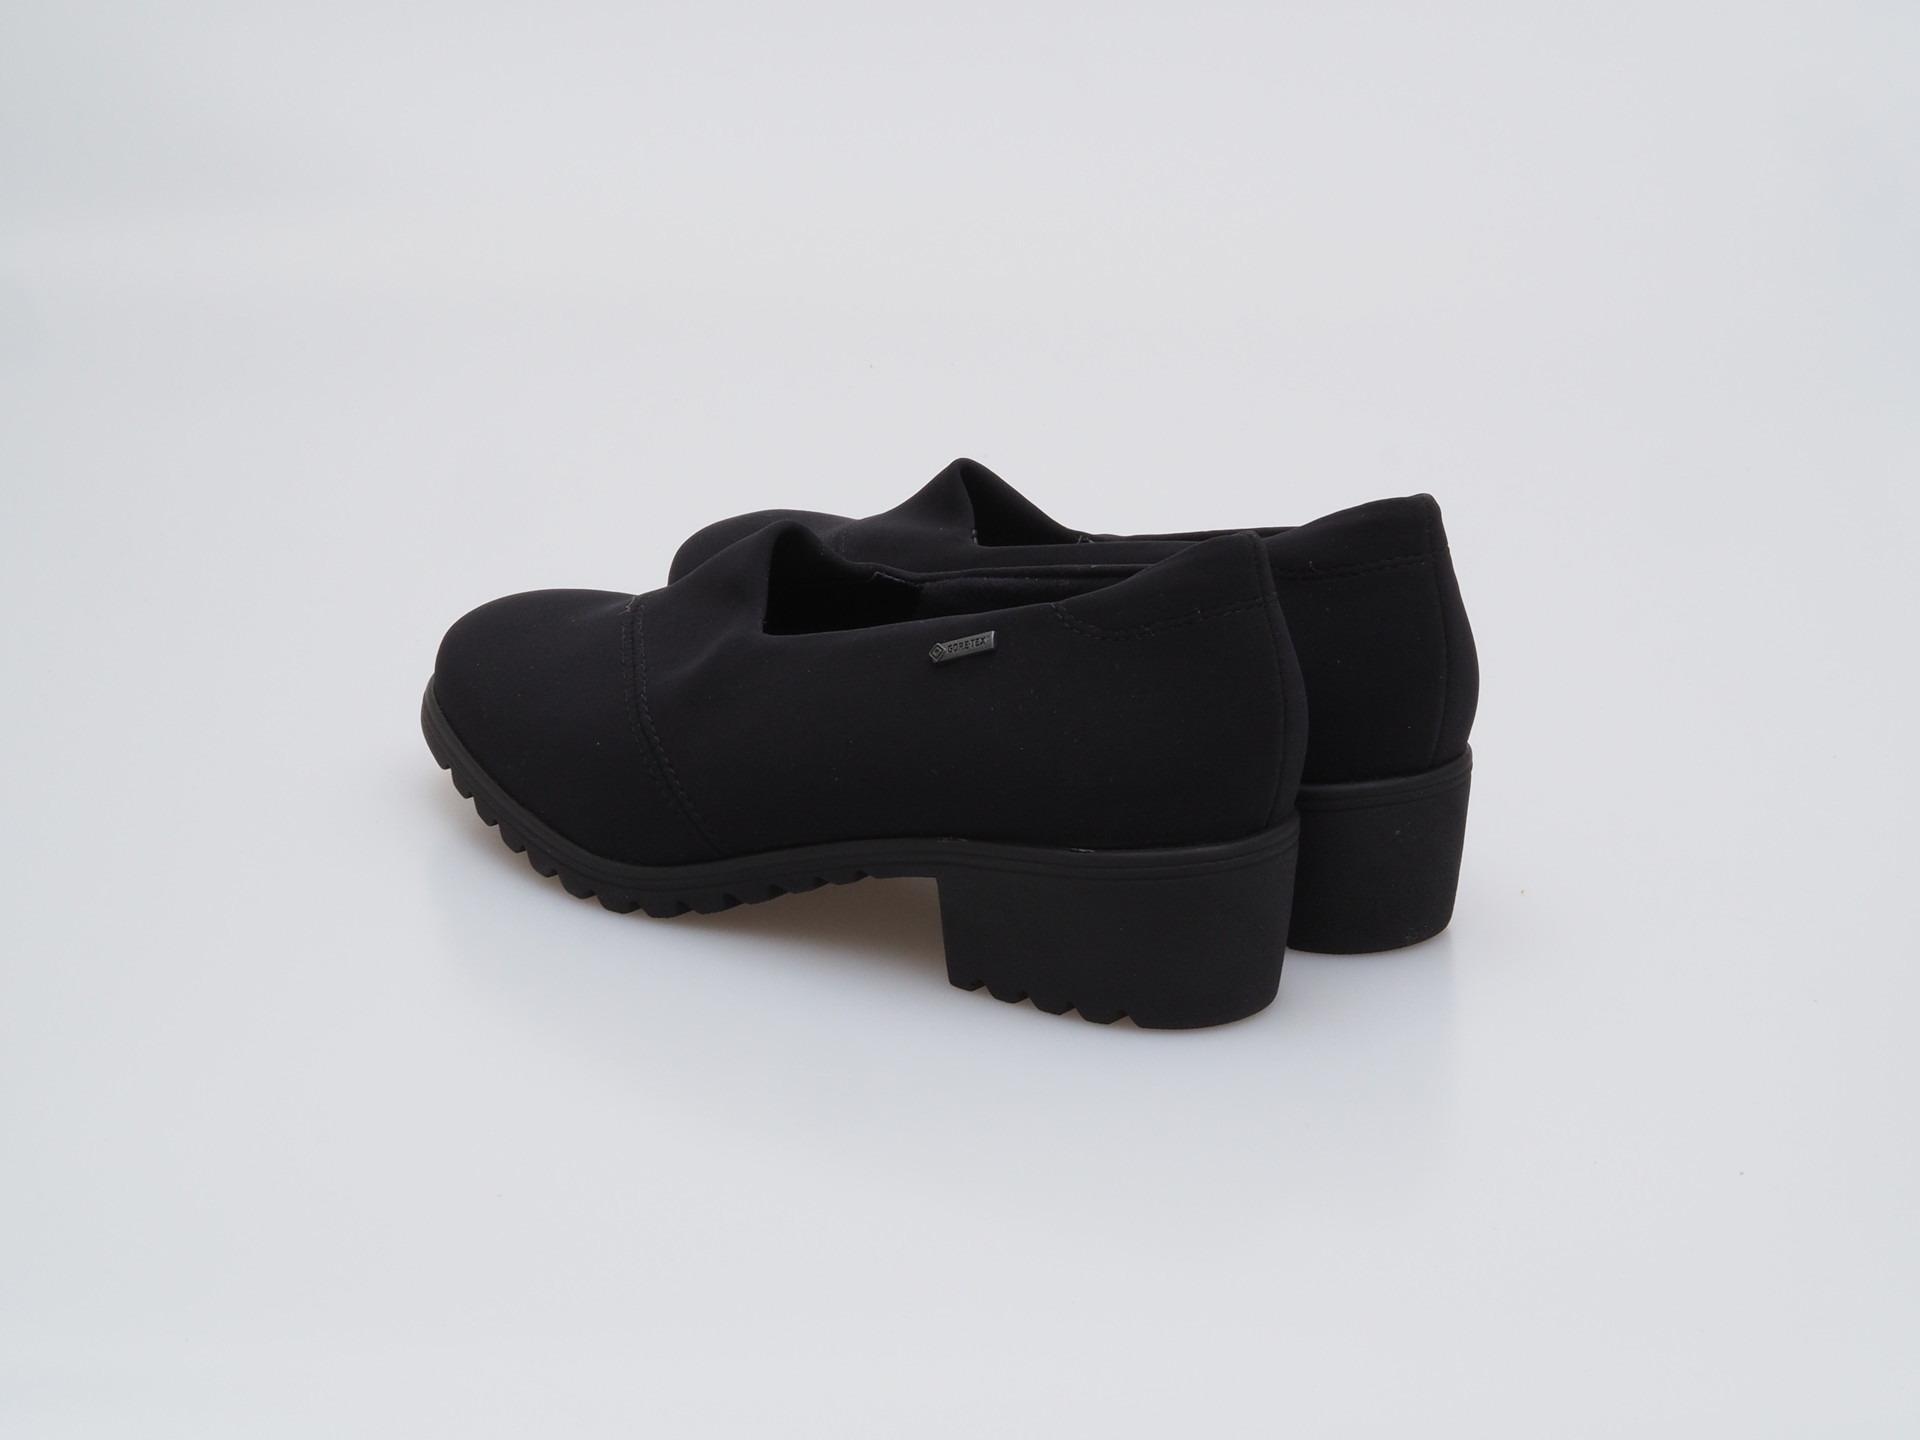 Soňa - Dámska obuv - Poltopánky - Gore- texová dámska členková obuv ... ca21d2ddcd